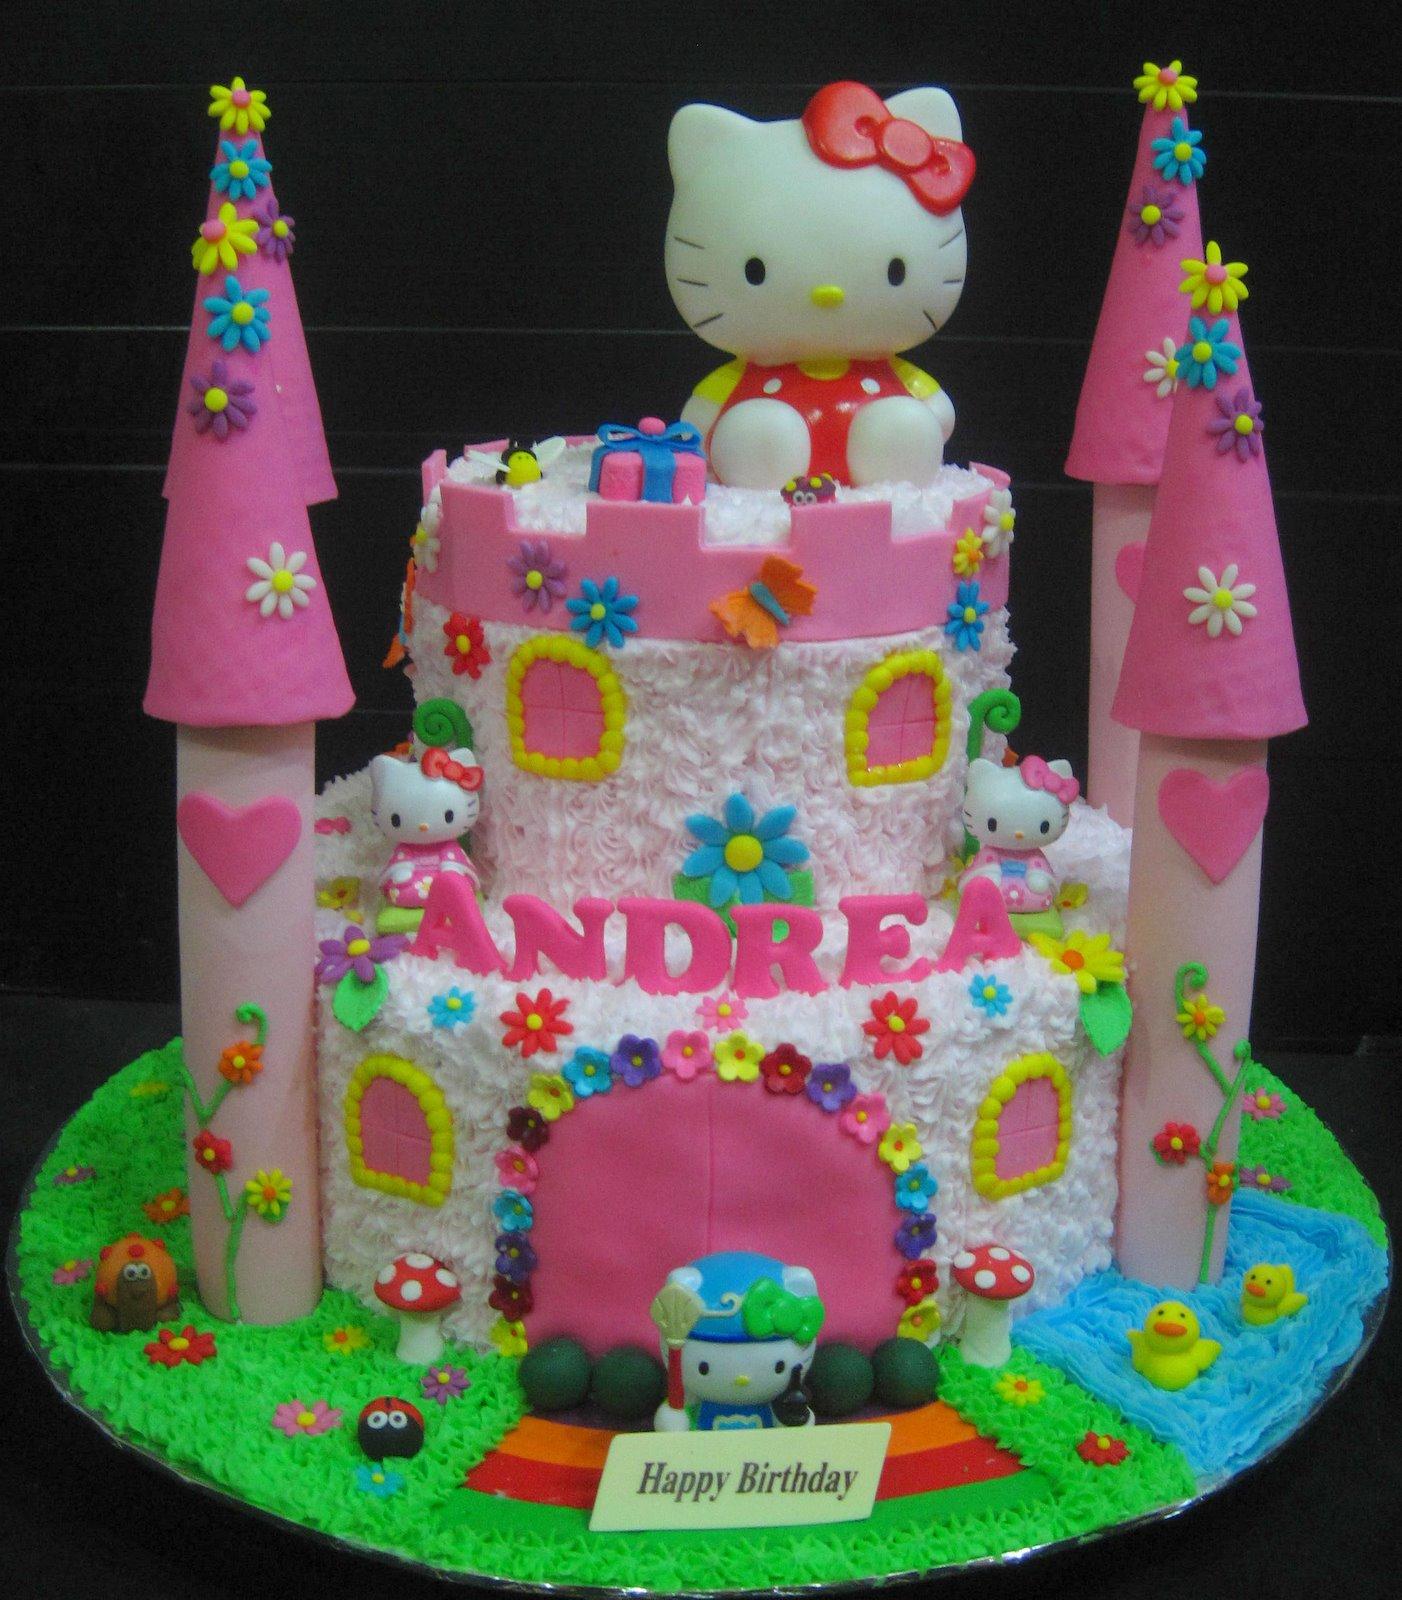 Wondrous 7 Hello Kitty Castle Birthday Cakes Photo Hello Kitty Castle Personalised Birthday Cards Paralily Jamesorg